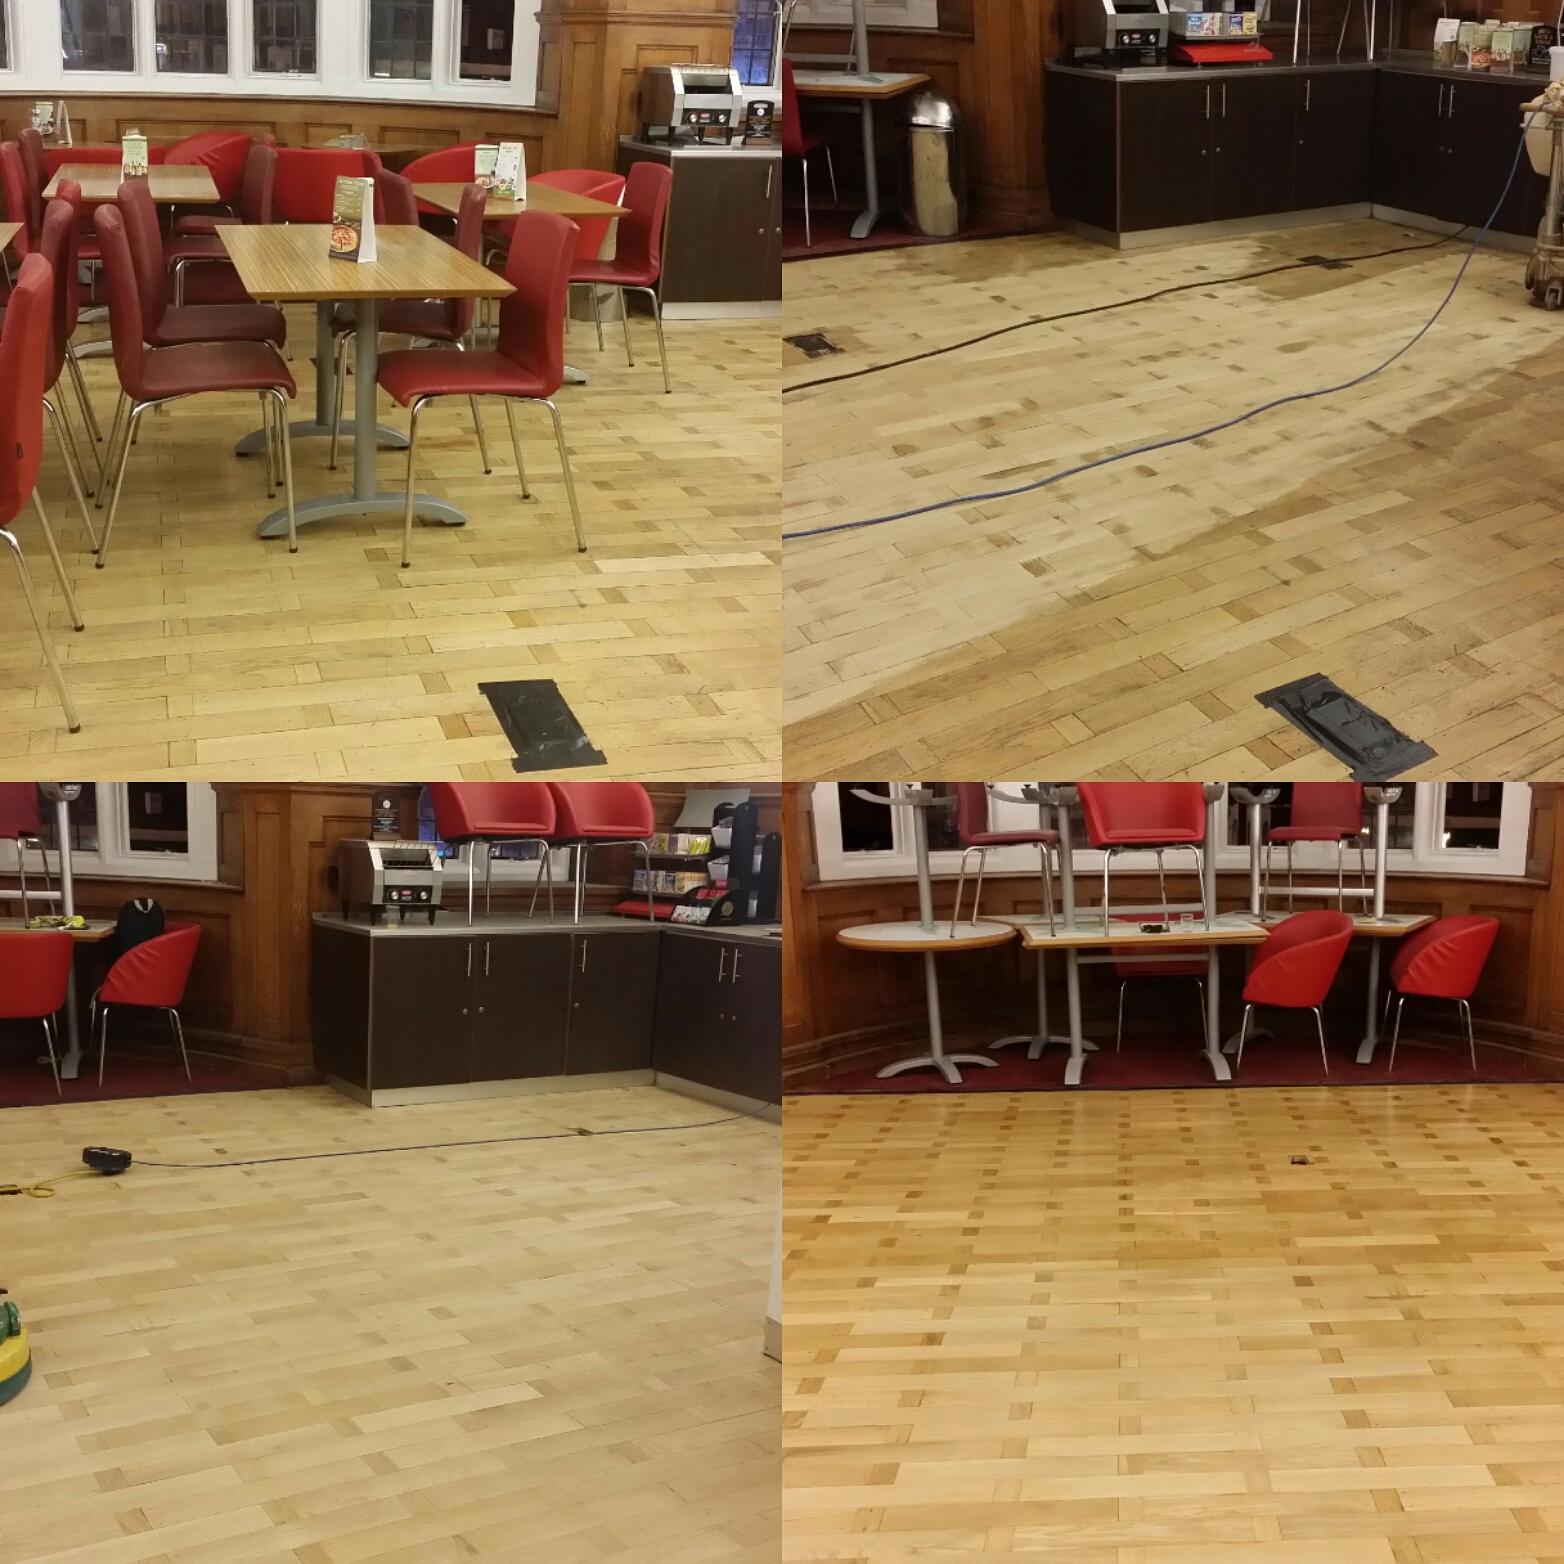 Commercial floor sanding at travellodge kings cross